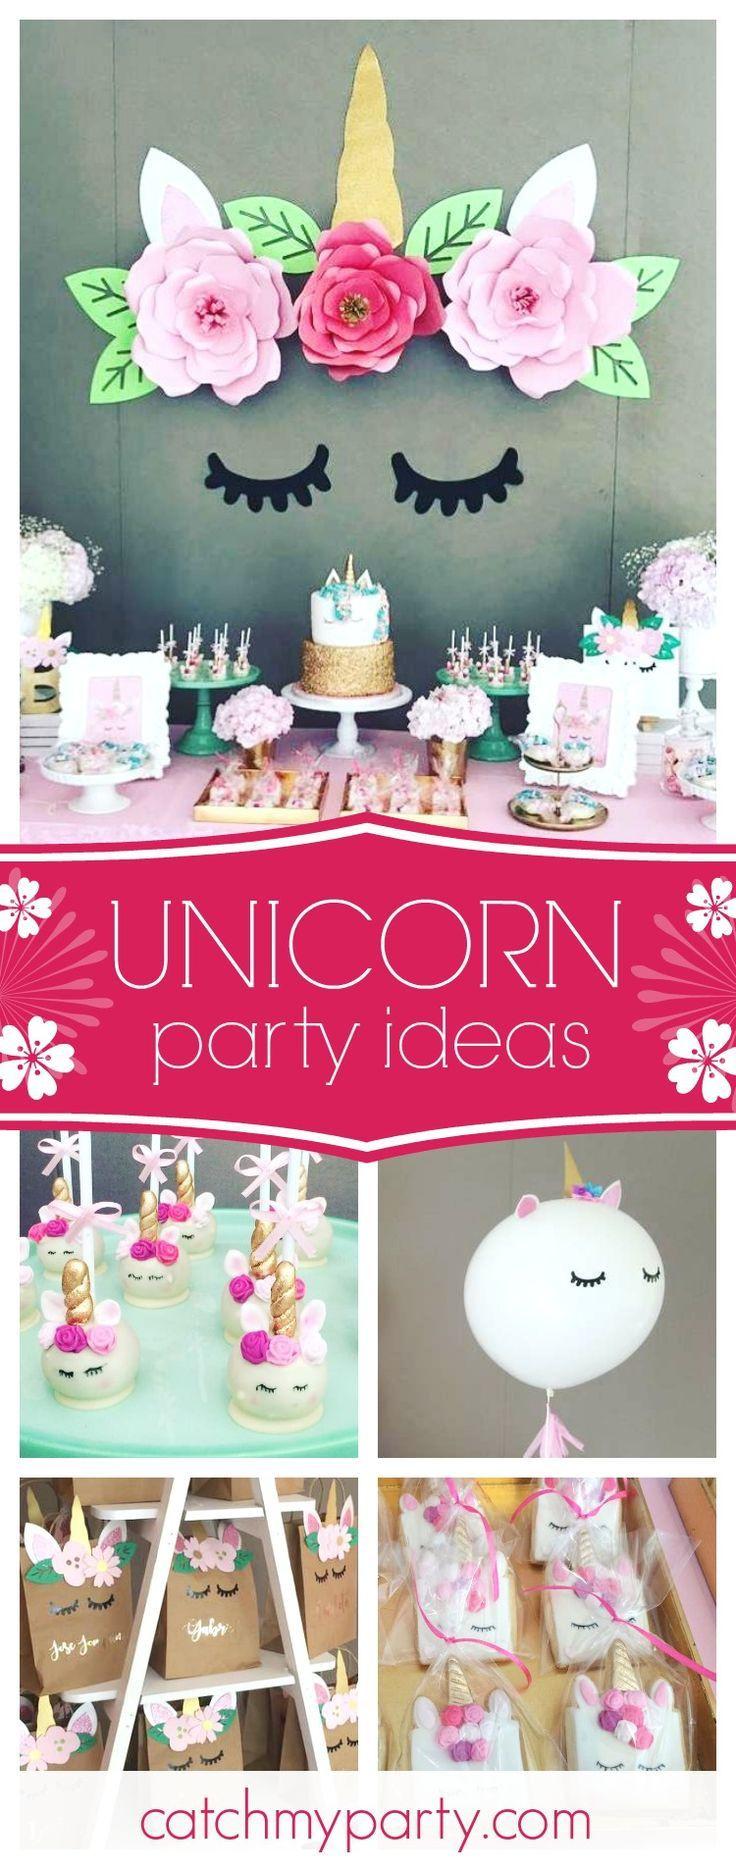 Diy Unicorn Party Ideas  Best 25 Unicorn birthday parties ideas on Pinterest